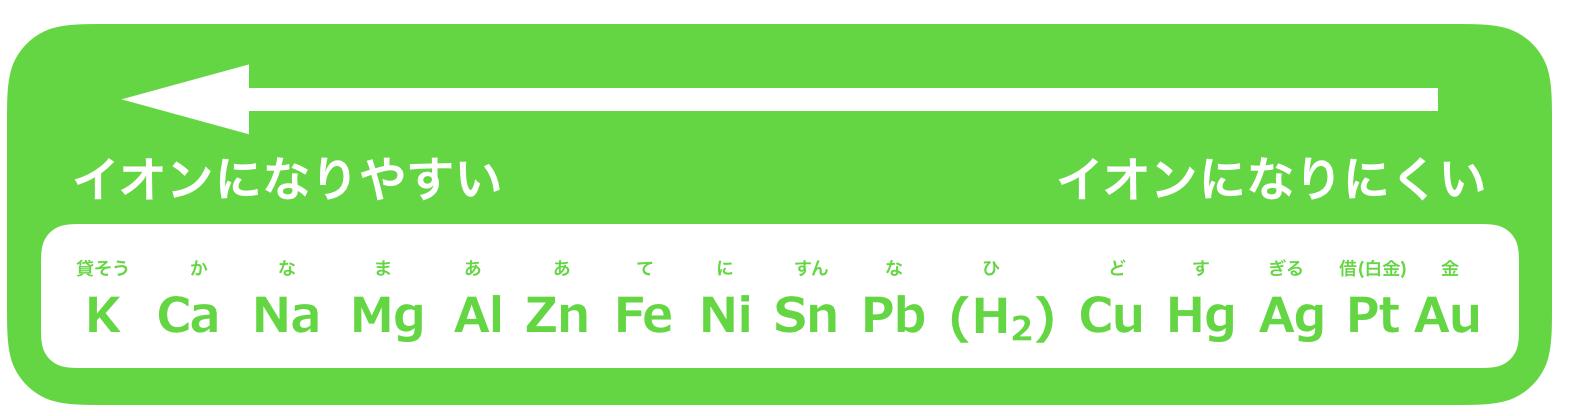 電気分解①イオン化傾向のゴロ合わせ